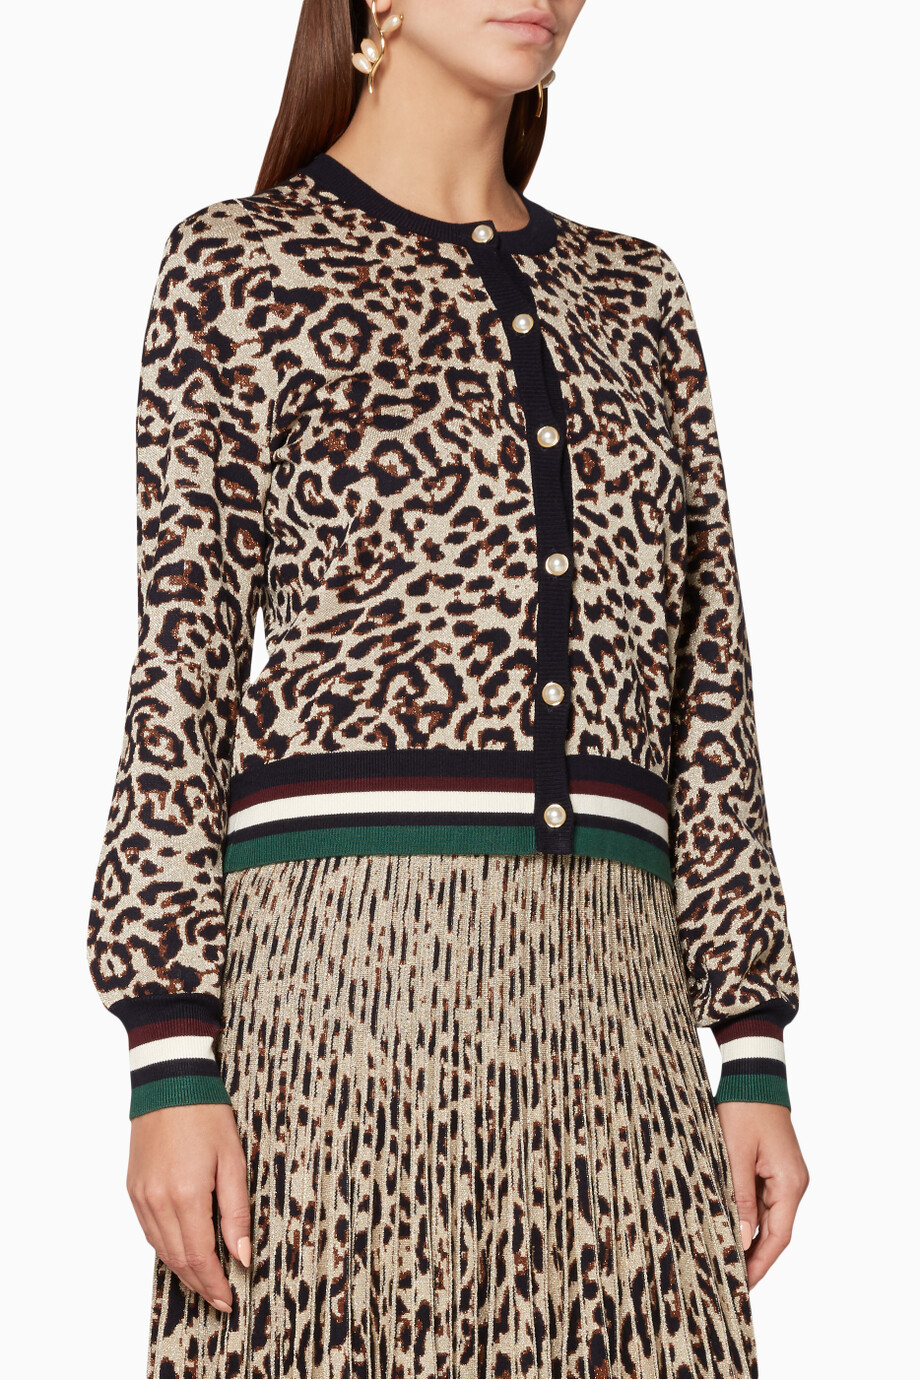 0849a15868 Shop Baum & Pferdgarten Brown Bown Leopard Knitted Calendre Cardigan for  Women | Ounass